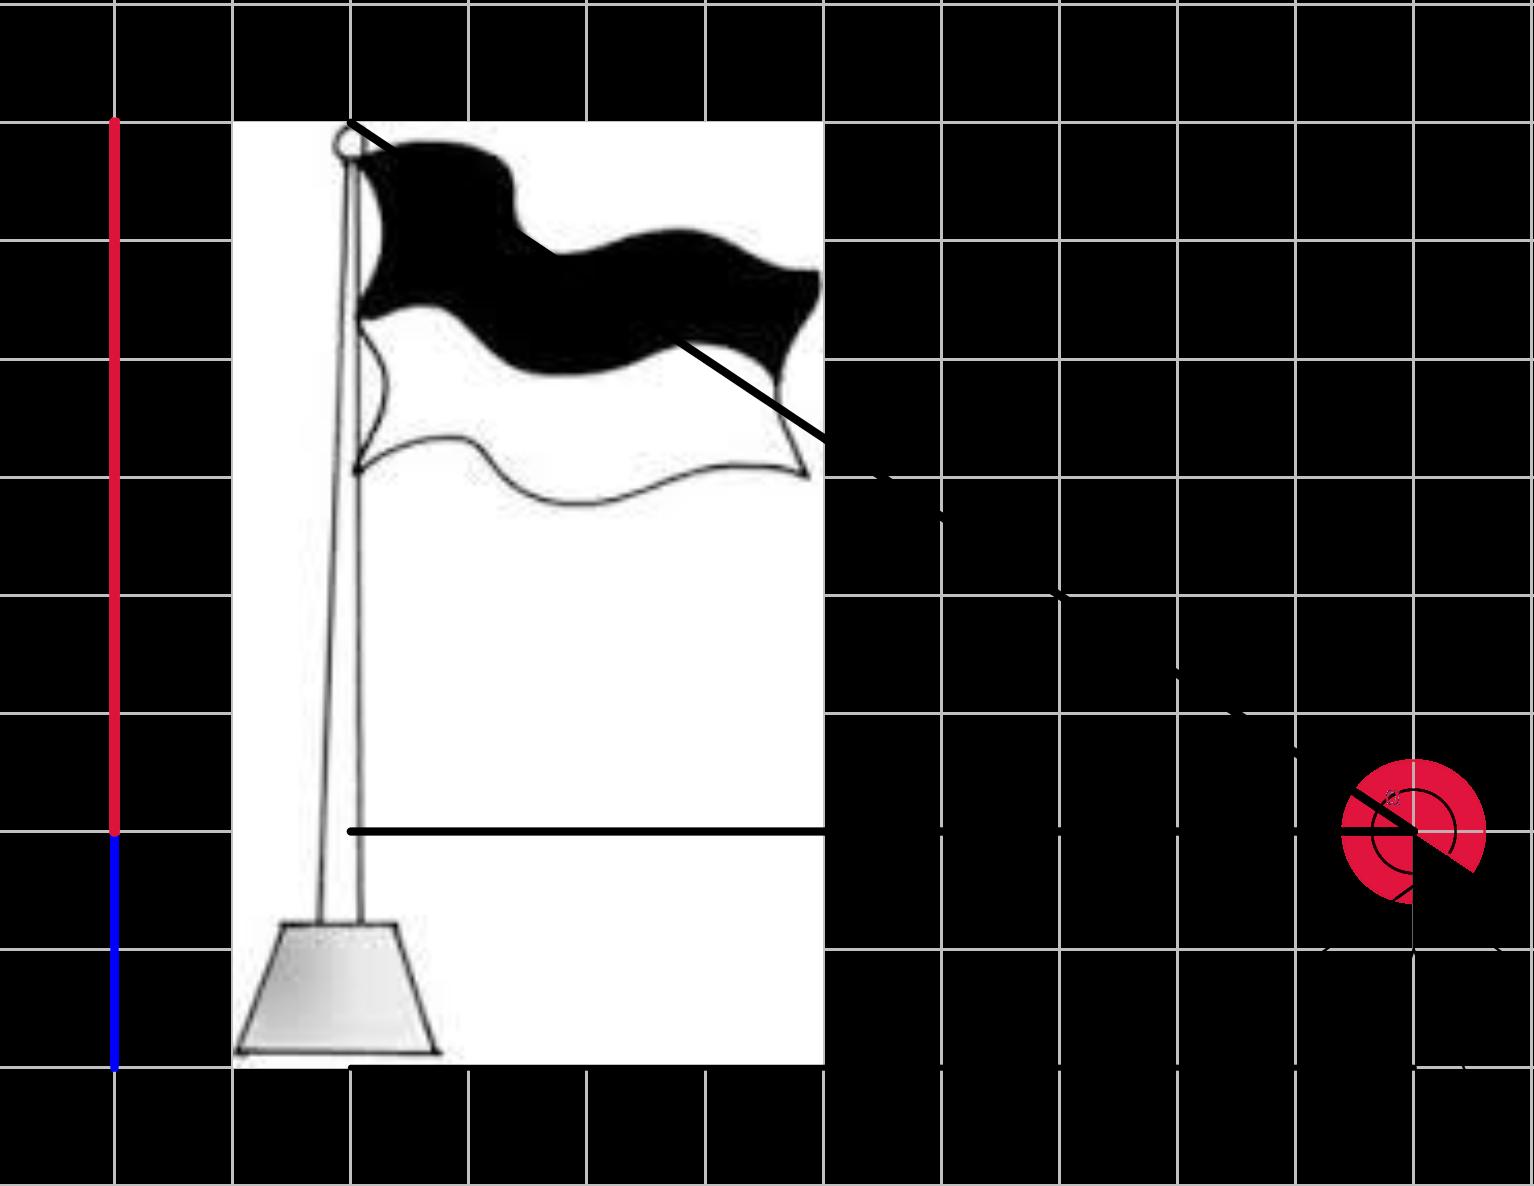 Mengukur Tinggi Tiang Bendera Menggunakan Konsep Trigonometri